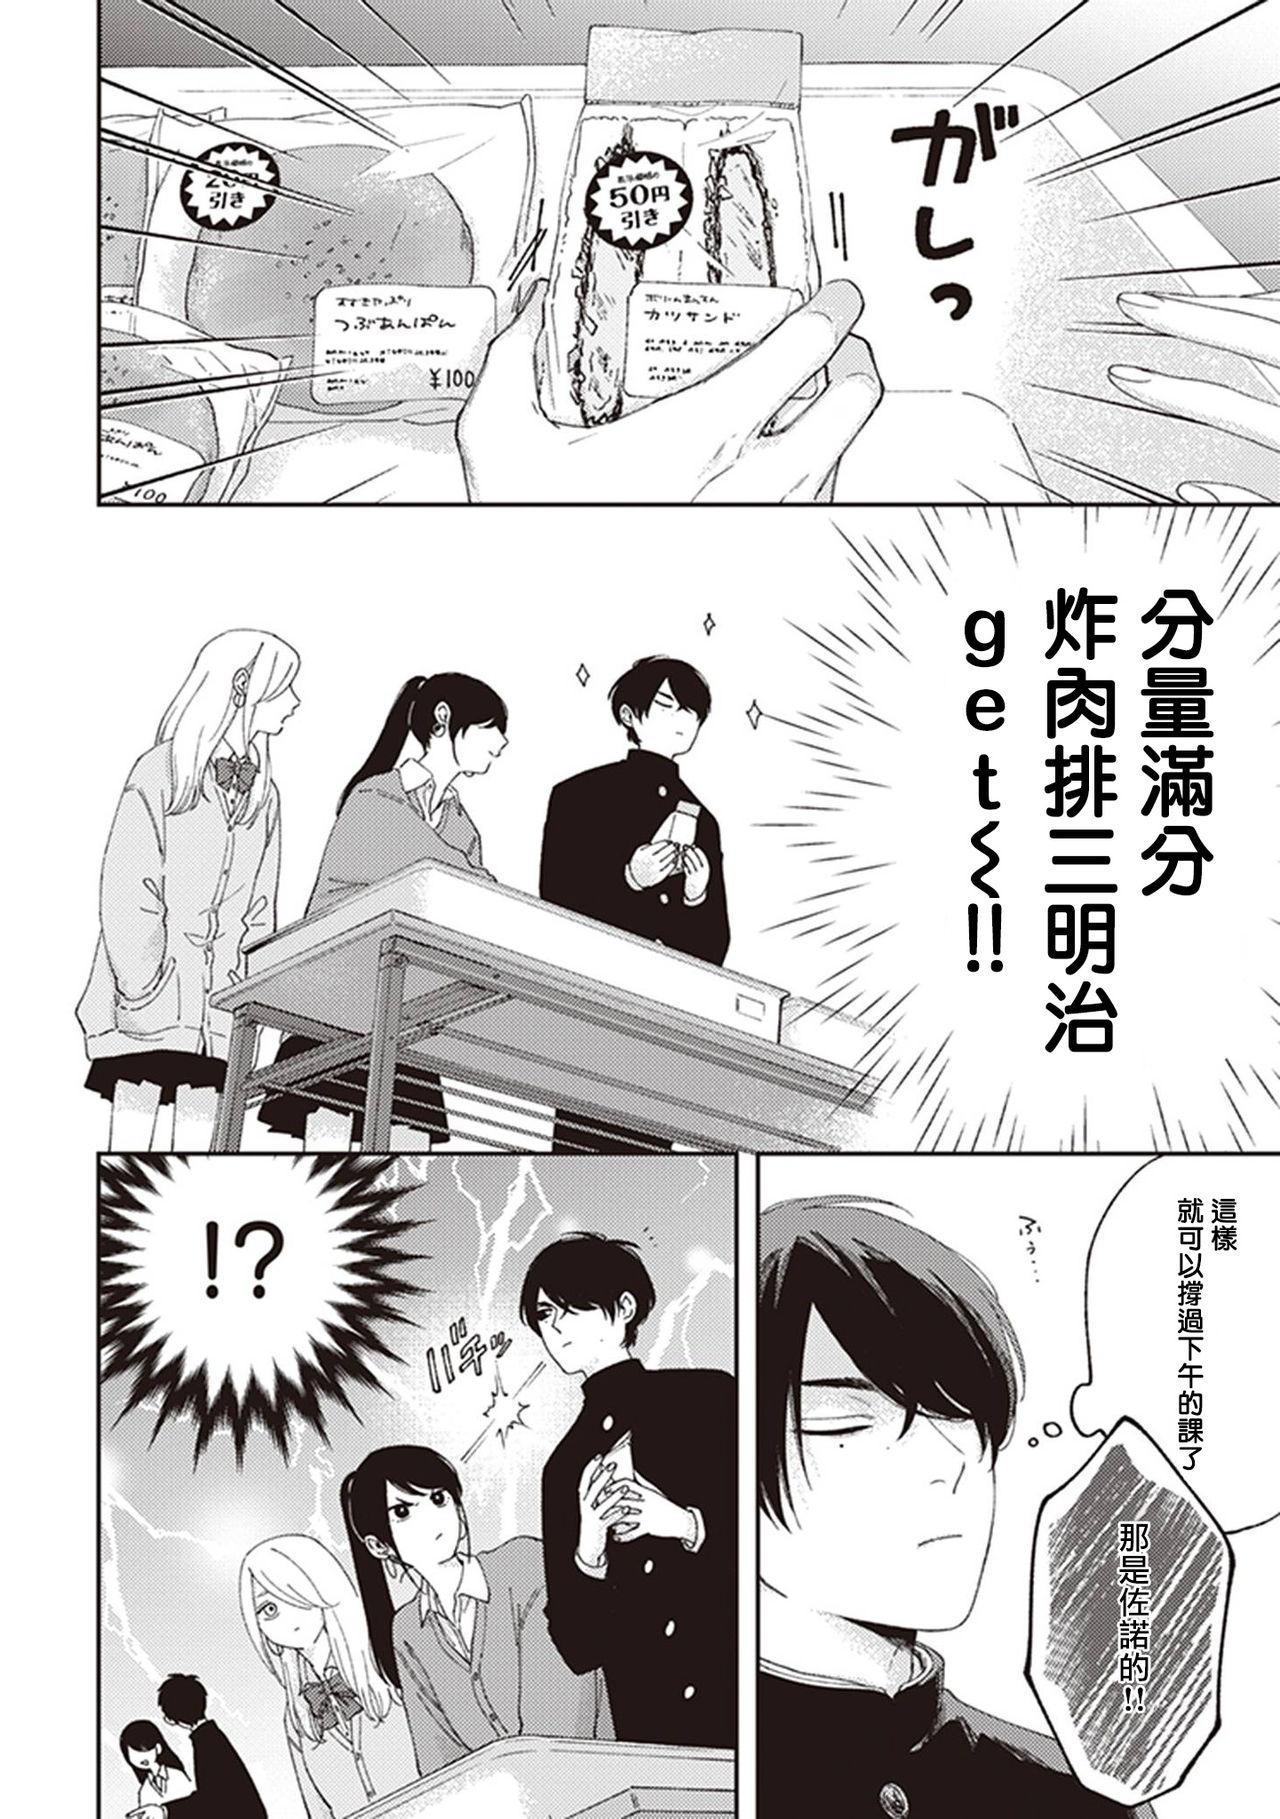 Fukutsu no Zono   不屈的佐诺 Ch. 1-3 7